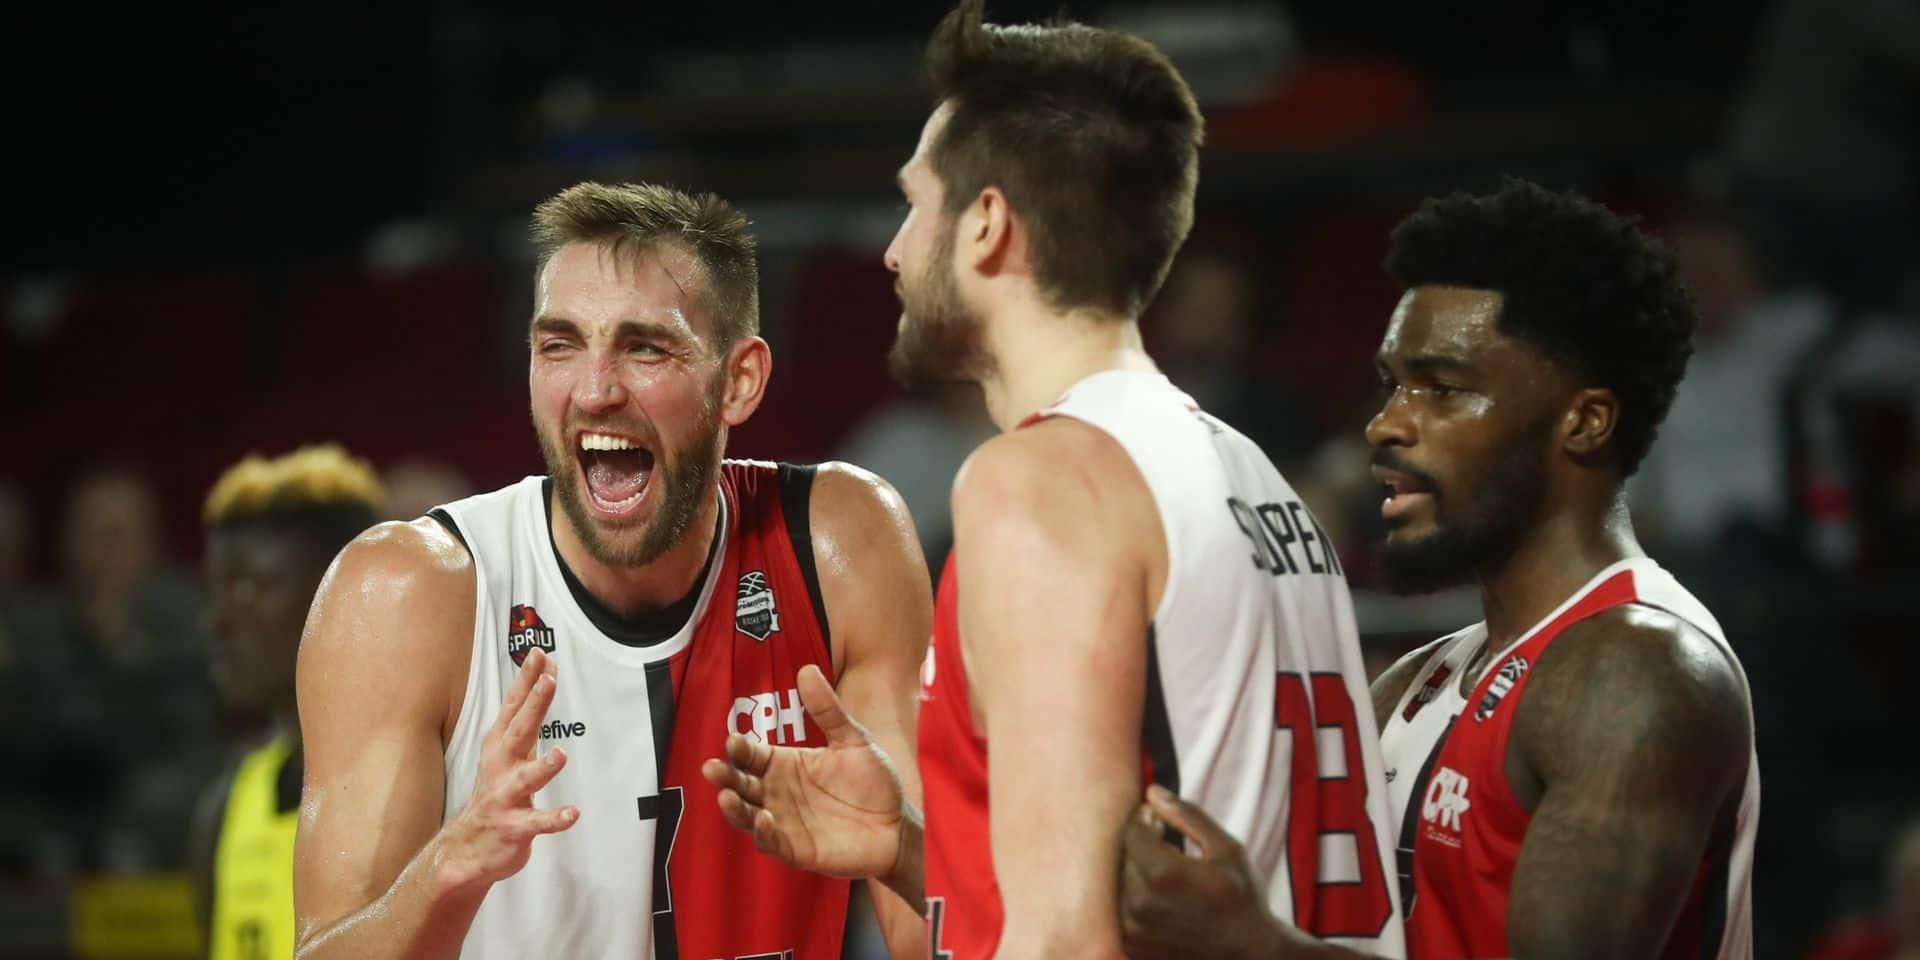 Coupe de Belgique de basket: le Spirou Charleroi battu à Ostende mais qualifié pour les demi-finales sur le buzzer